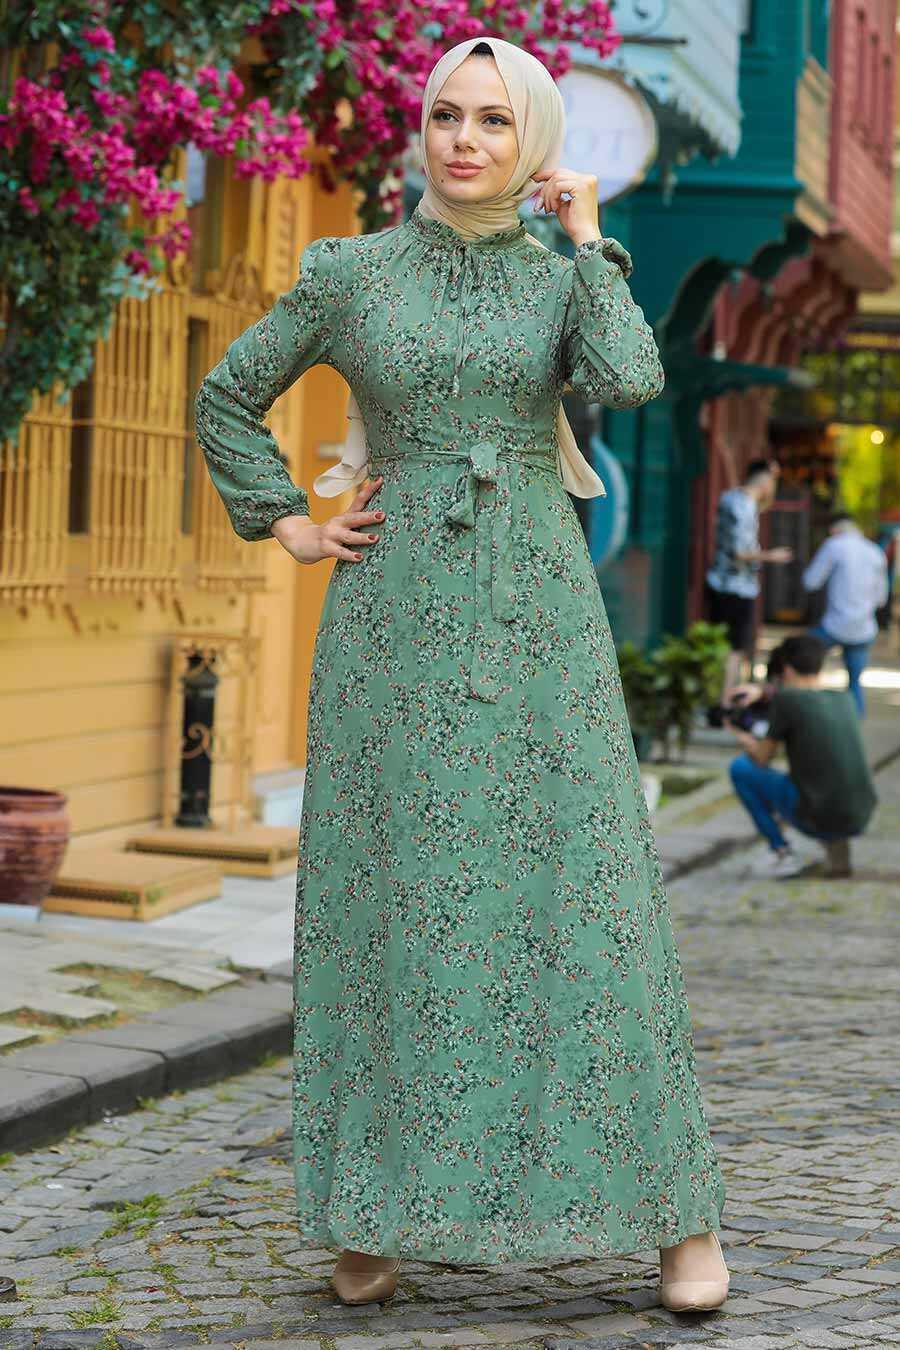 Almond Green Hijab Dress 279011CY